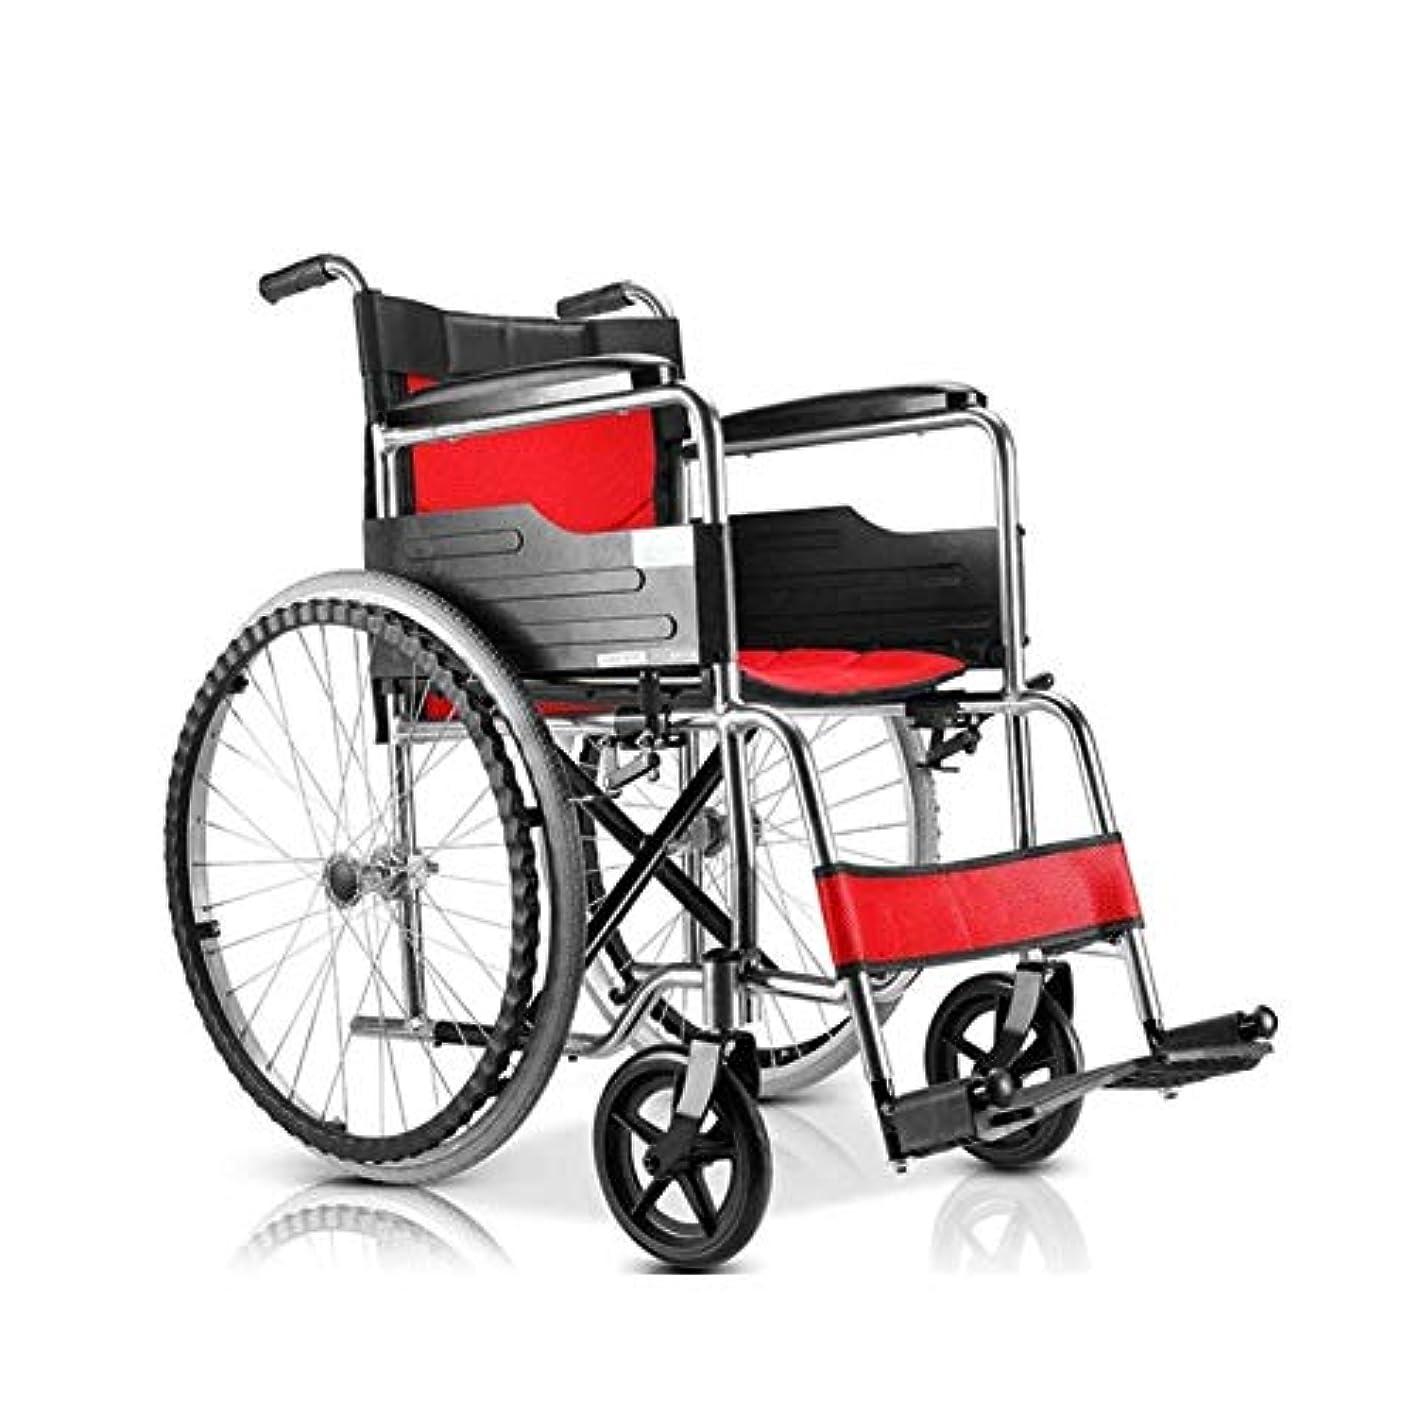 櫛準備した抽象化自走式車椅子、高齢者、身体障害者、身体障害者向けの軽量モビリティデバイス、ポータブル車椅子